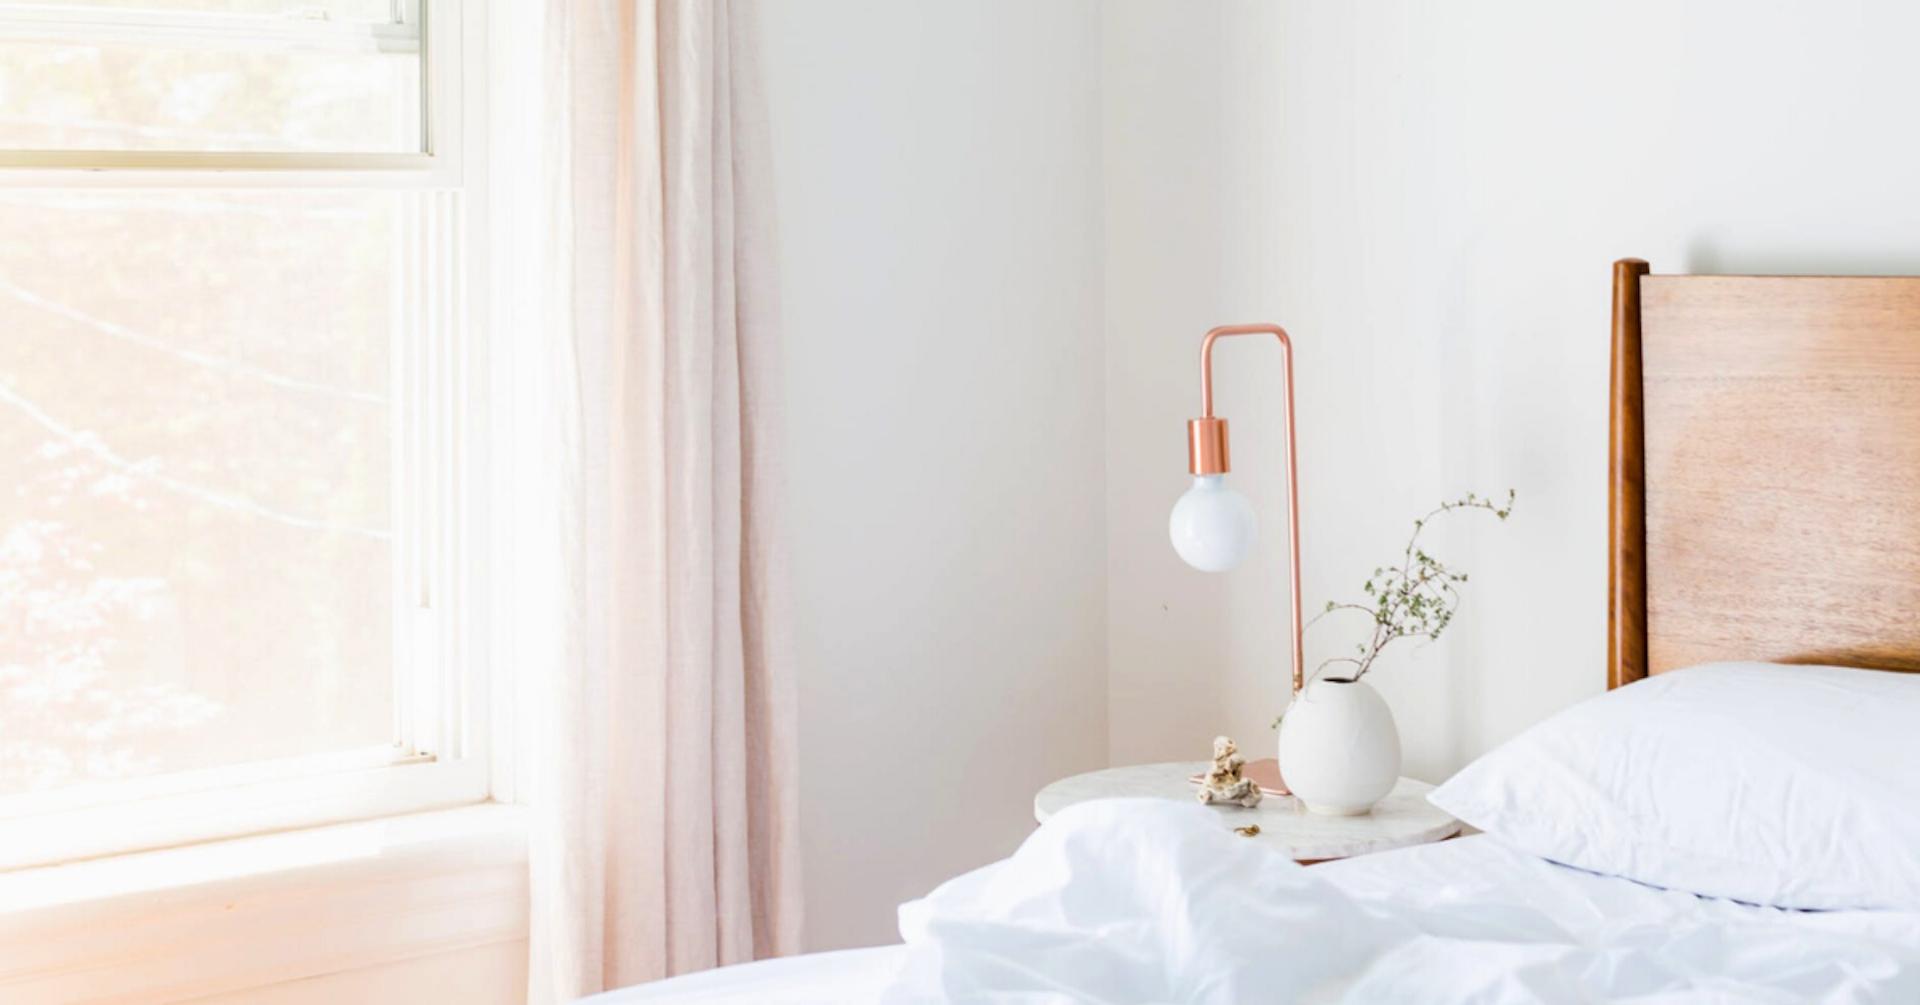 15 originales ideas para decorar una habitación sin perder tu estilo